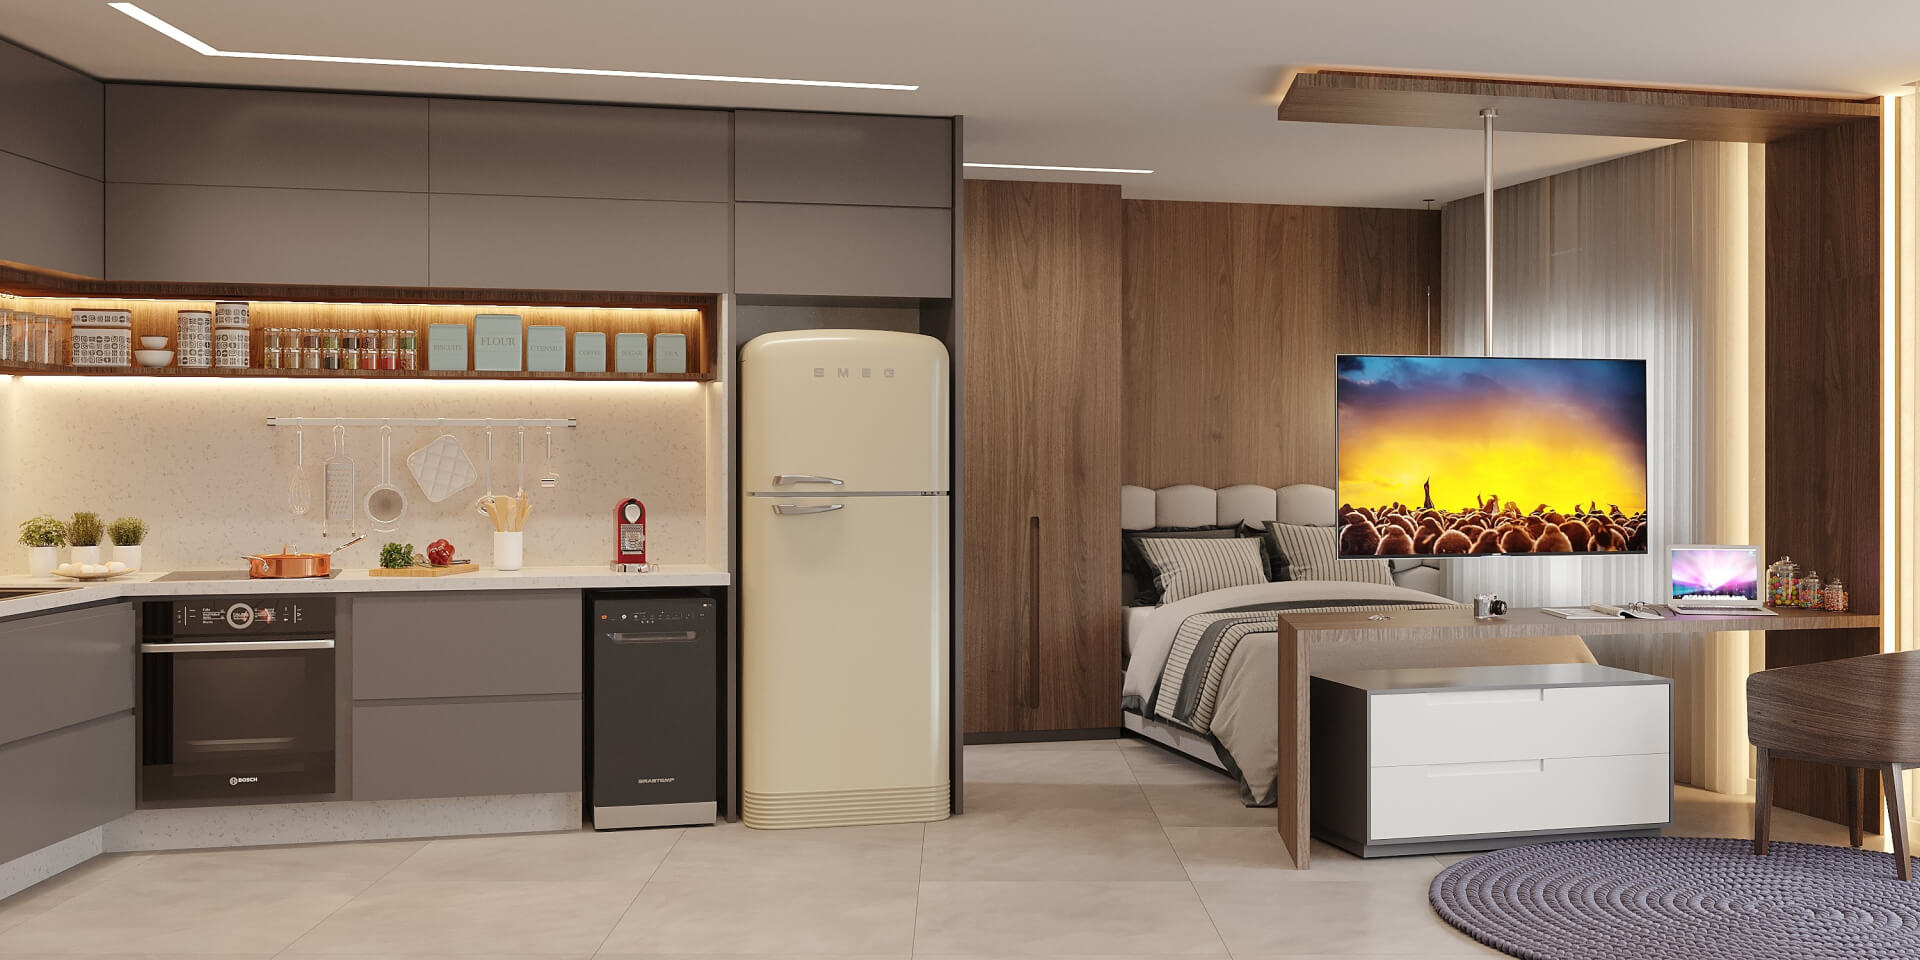 STUDIO TIPO com diferentes ambientes conectados através da sugestão de decoração. O piso único permite que a circulação se torne mais fluida e proporcione a sensação de amplitude para o espaço.